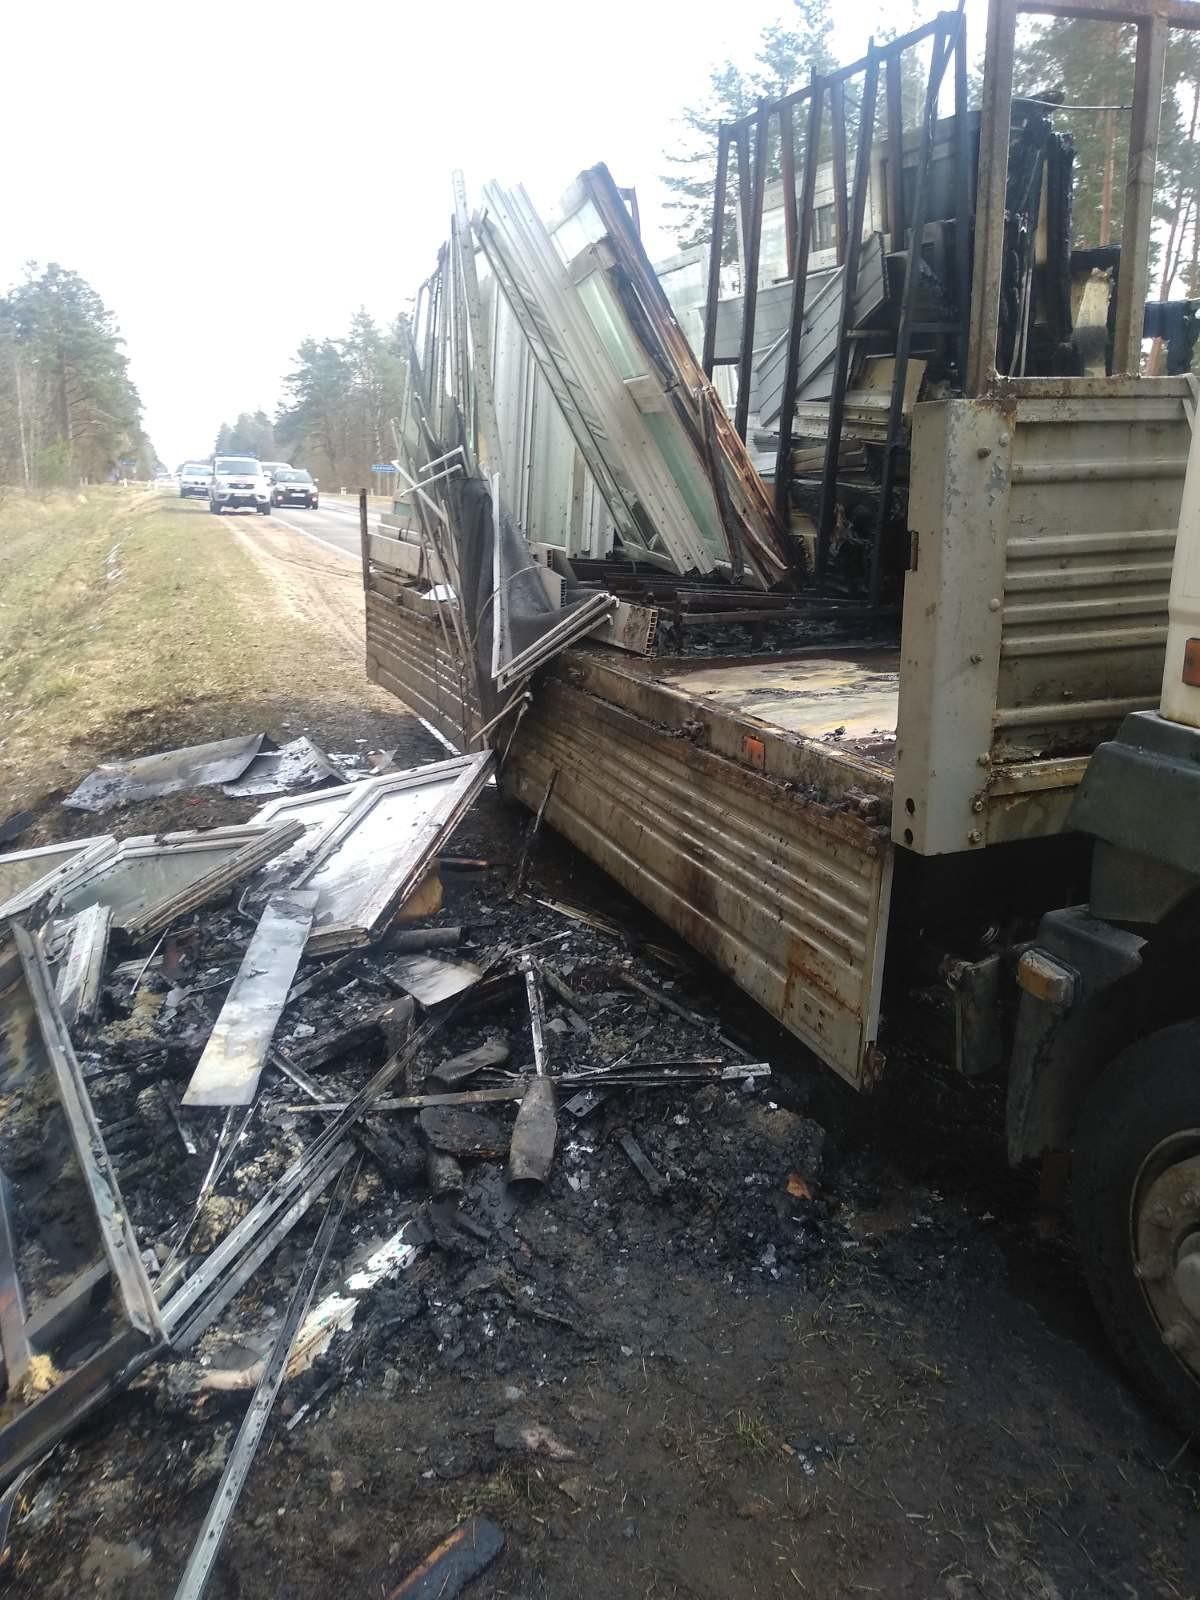 под бобруйском горел грузовик перевозивший стеклопакеты